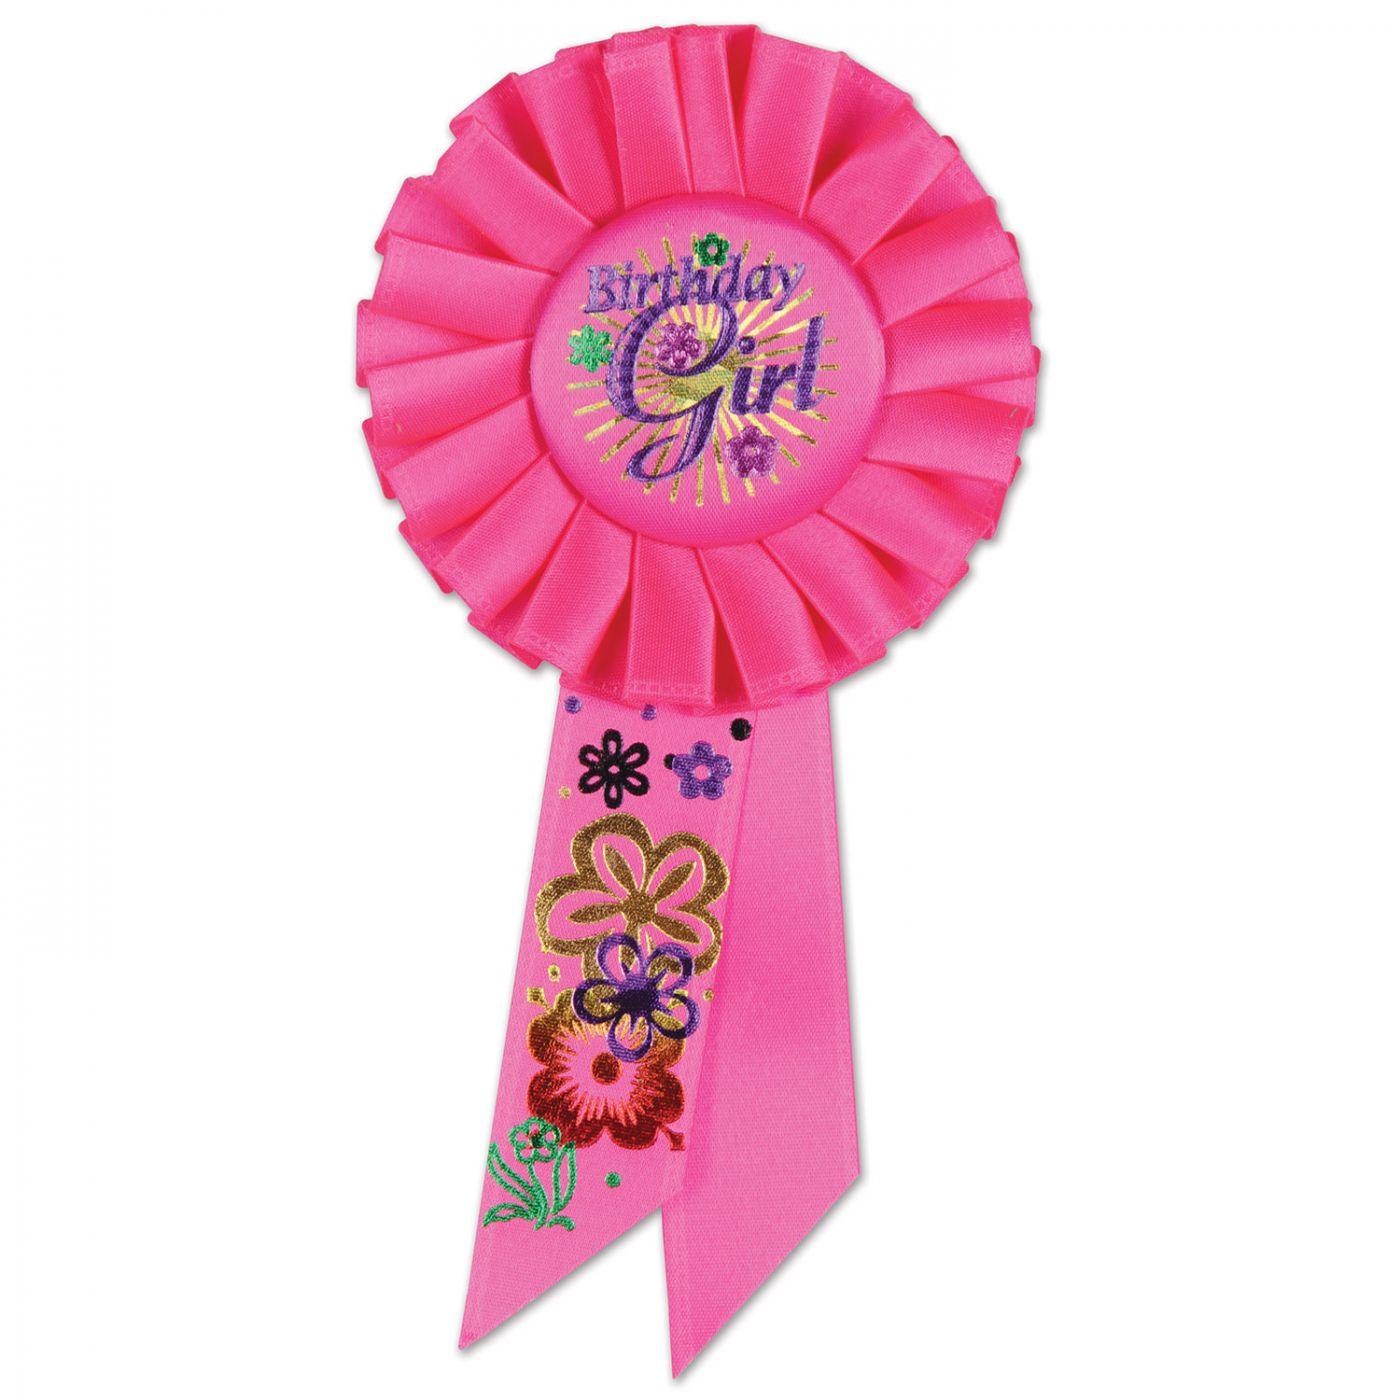 Image of Birthday Girl Rosette (6)